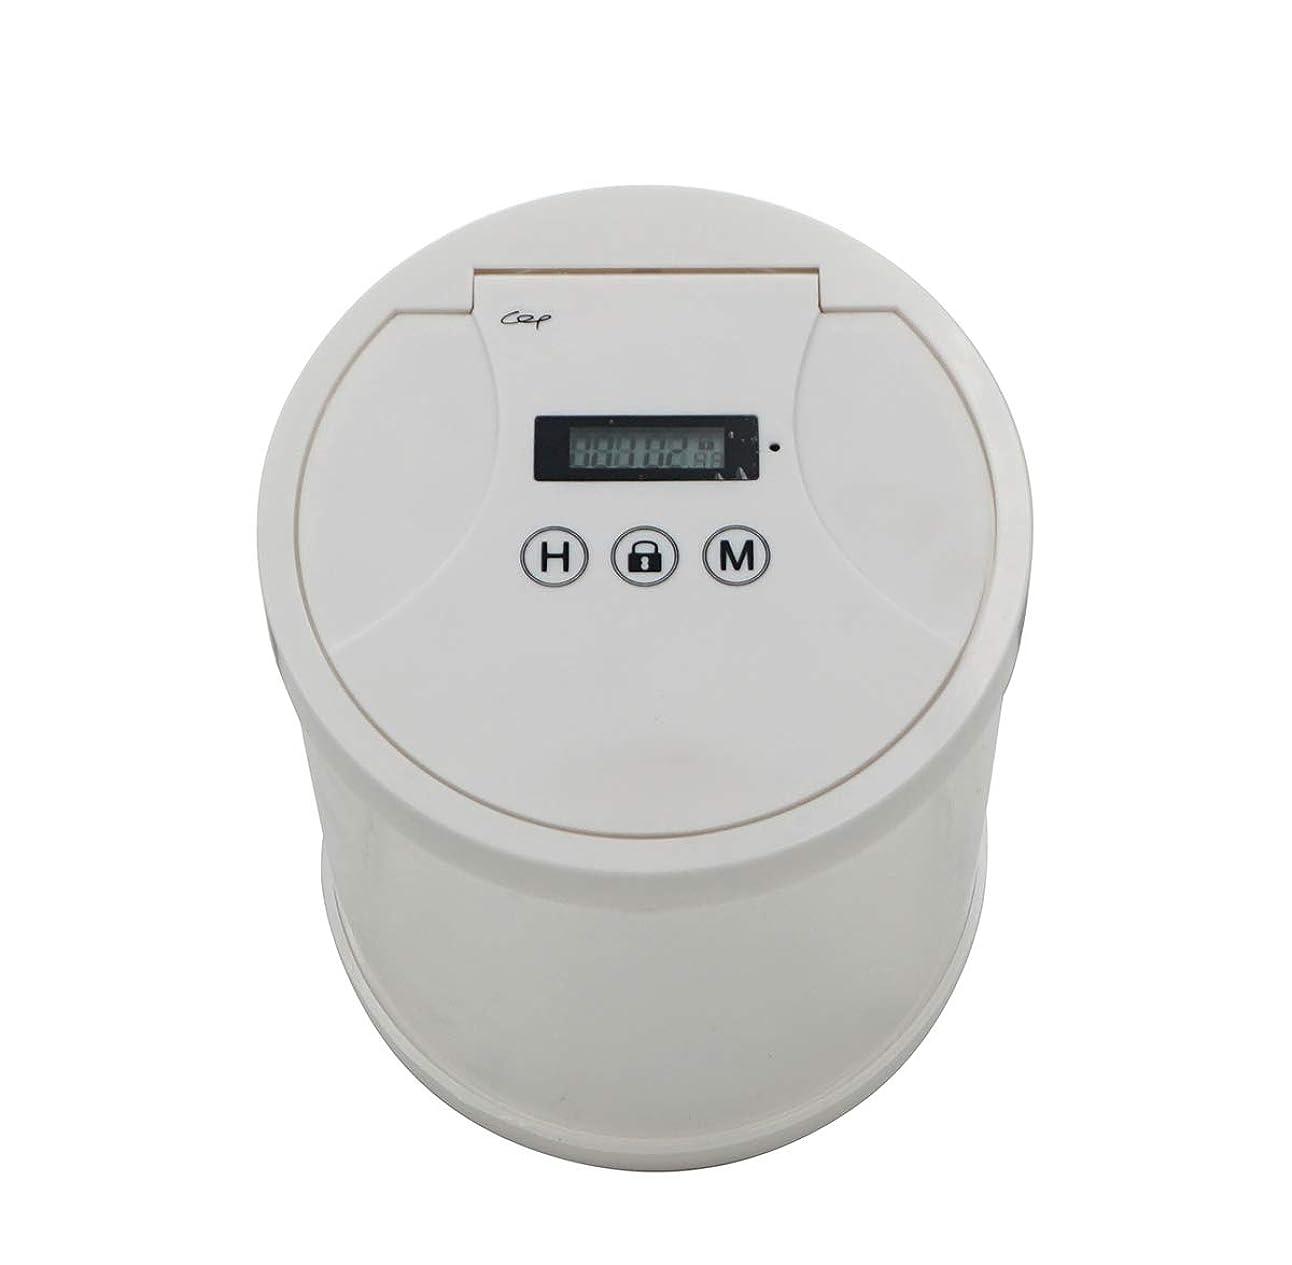 細い穀物名目上のタイムロックされたコンテナ、多機能タイムロックボックス、ユニットロックにより、携帯電話、喫煙、スナックから離れることができます (M)